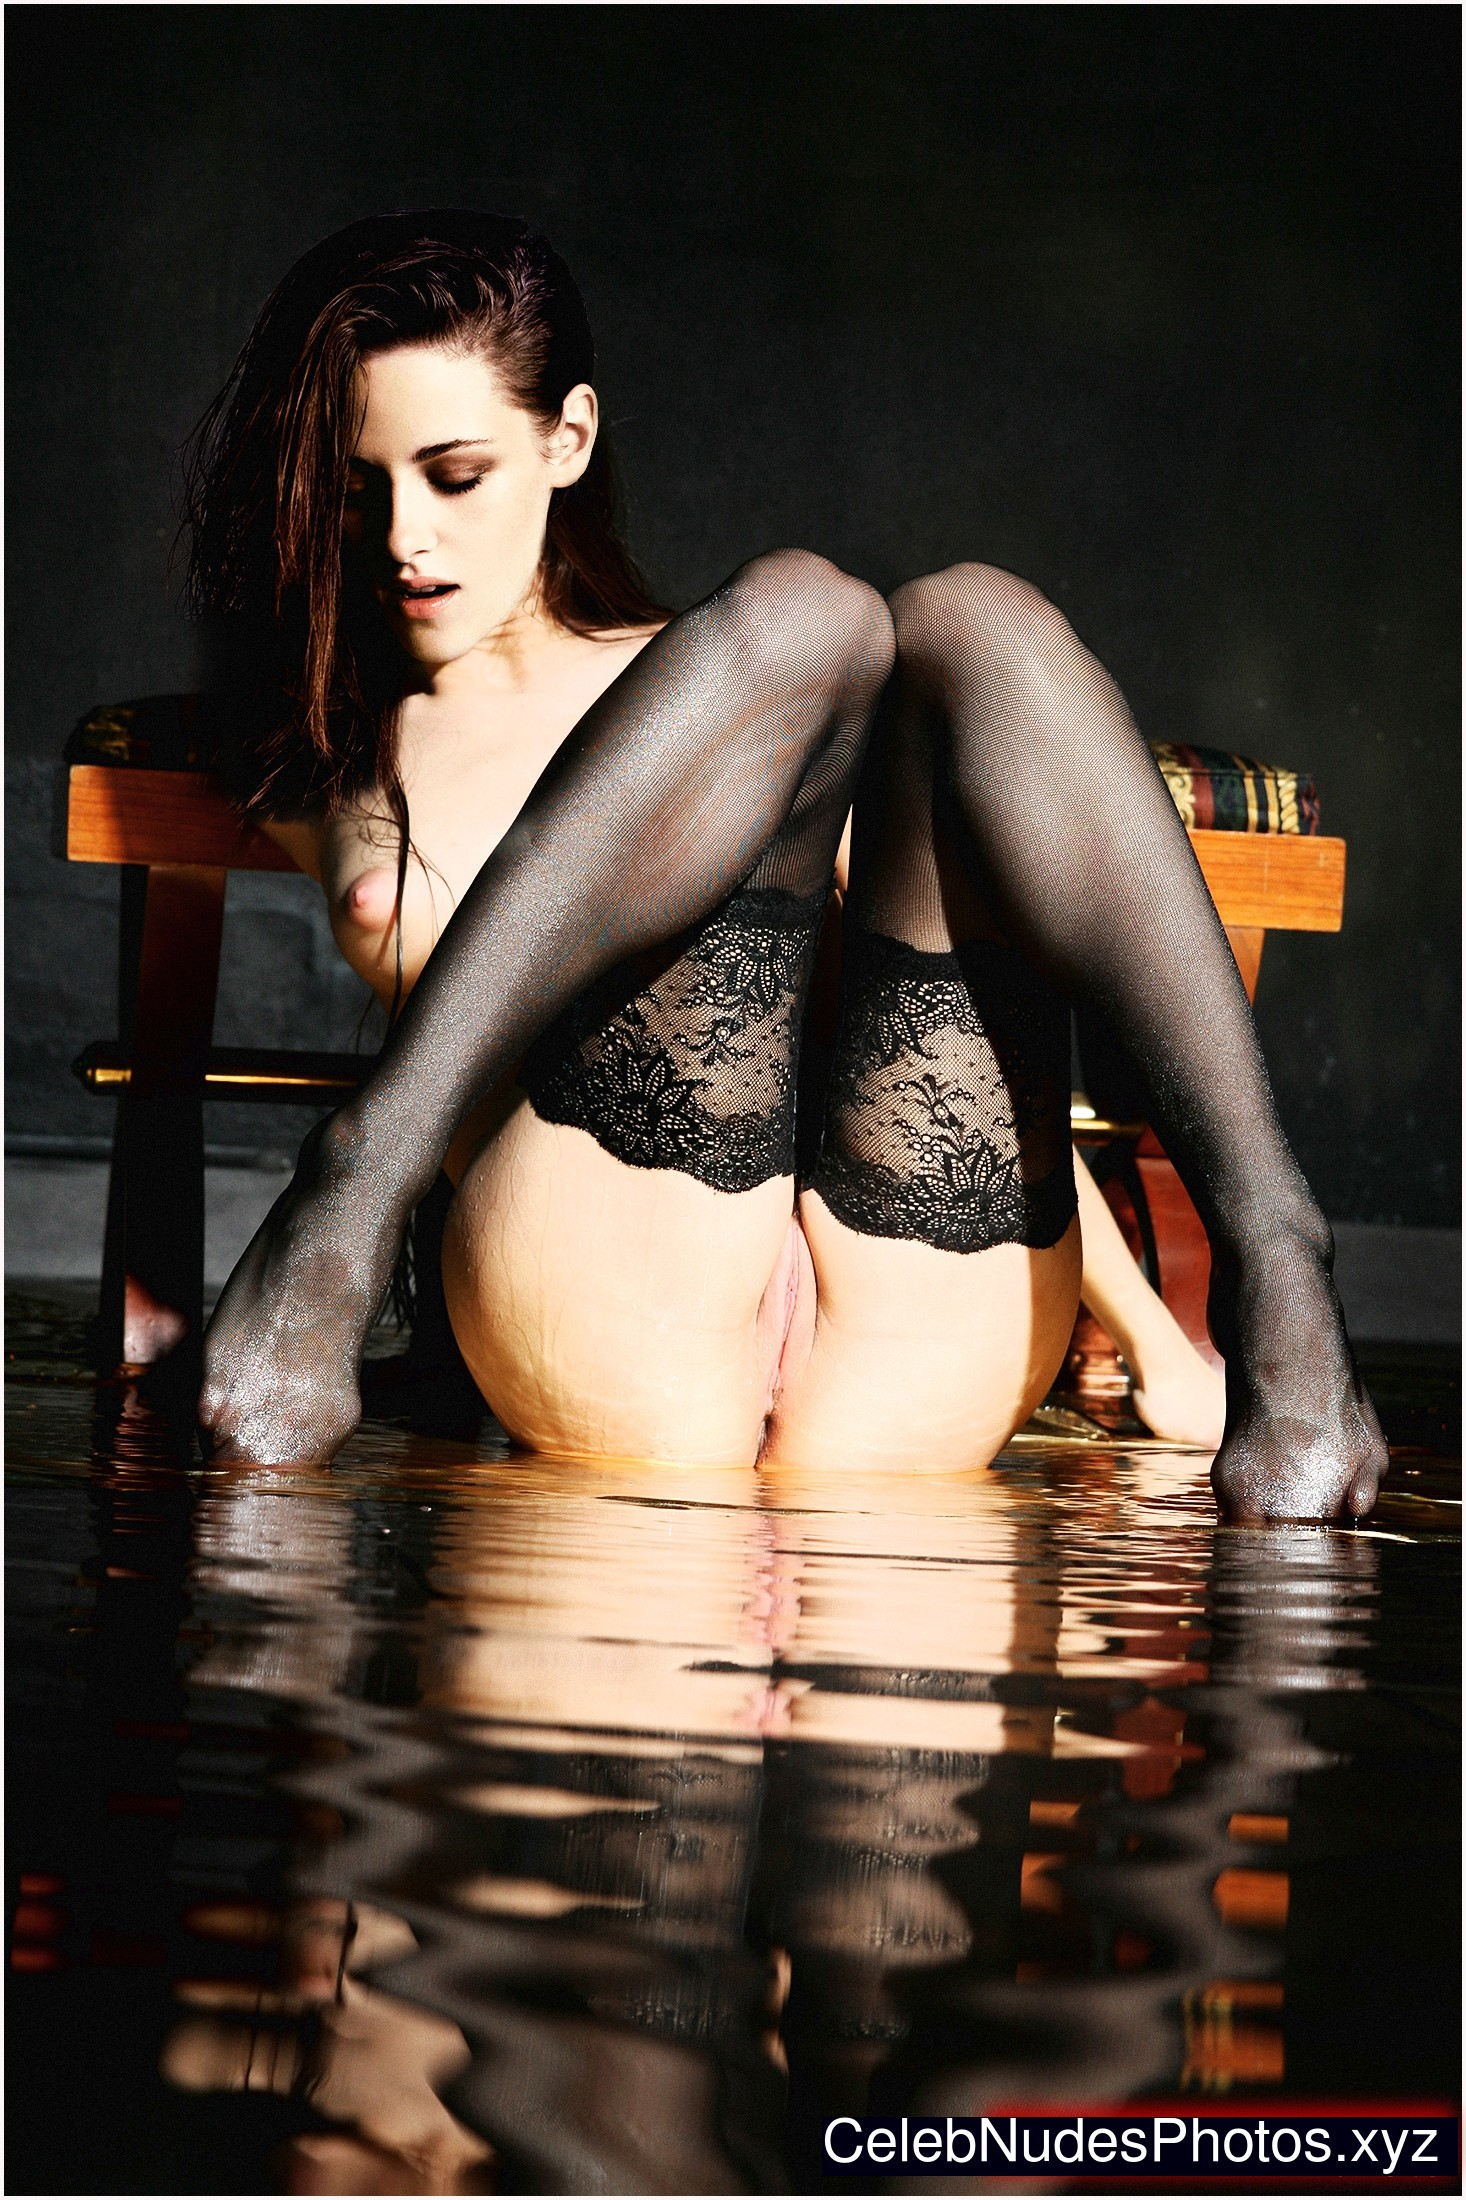 Kristen Stewart Free Nude Celeb sexy 6